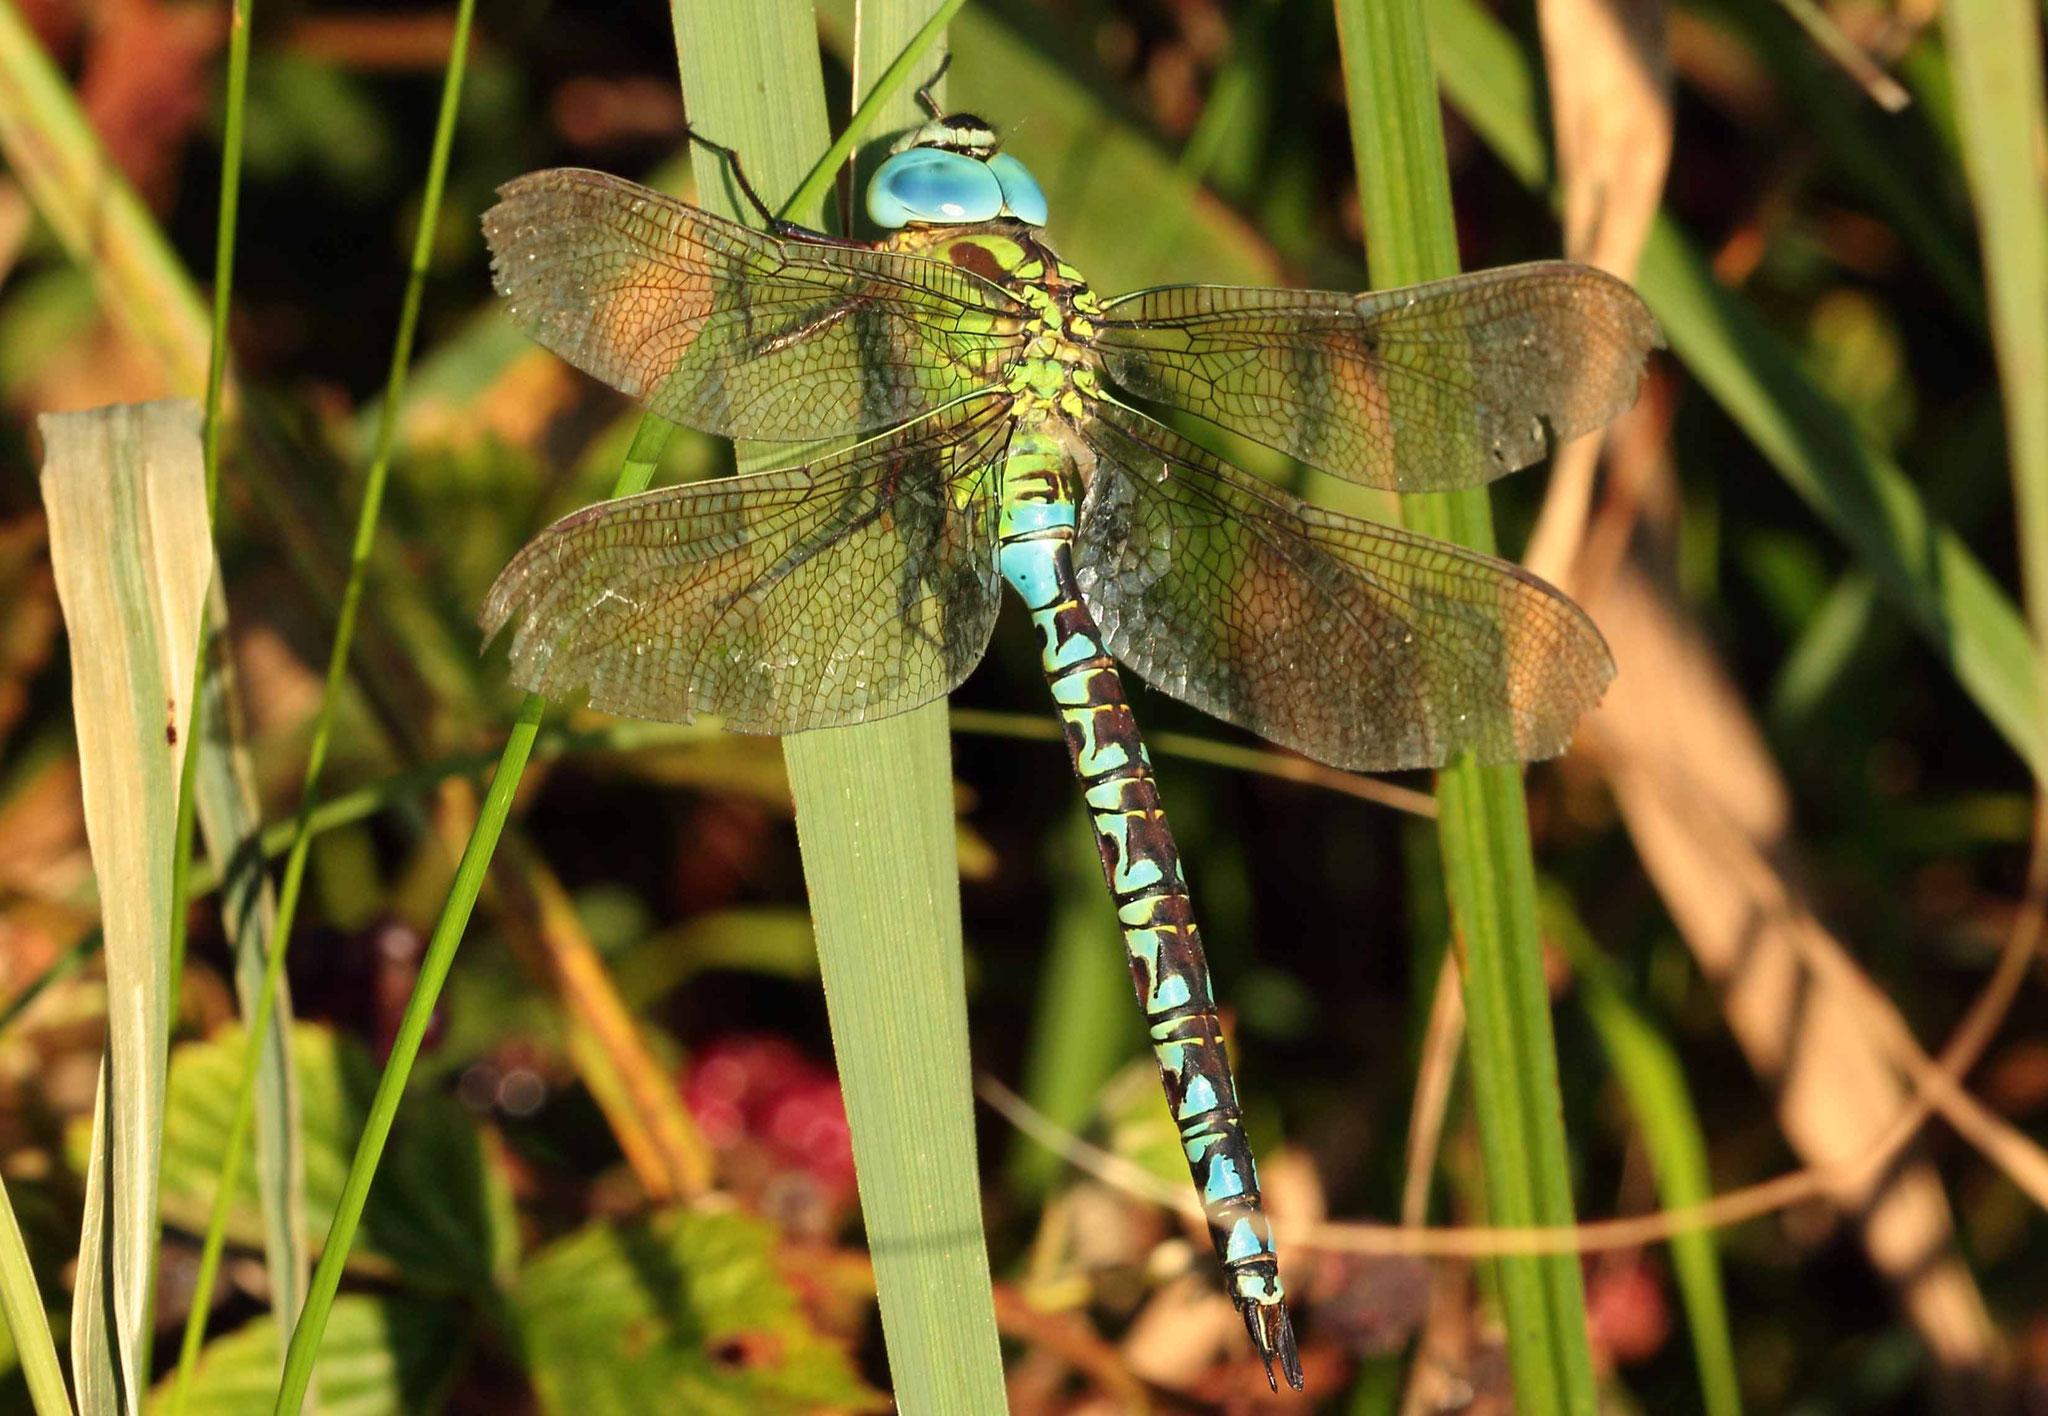 Grüne Mosaikjungfer, Aeshna viridis, Männchen.